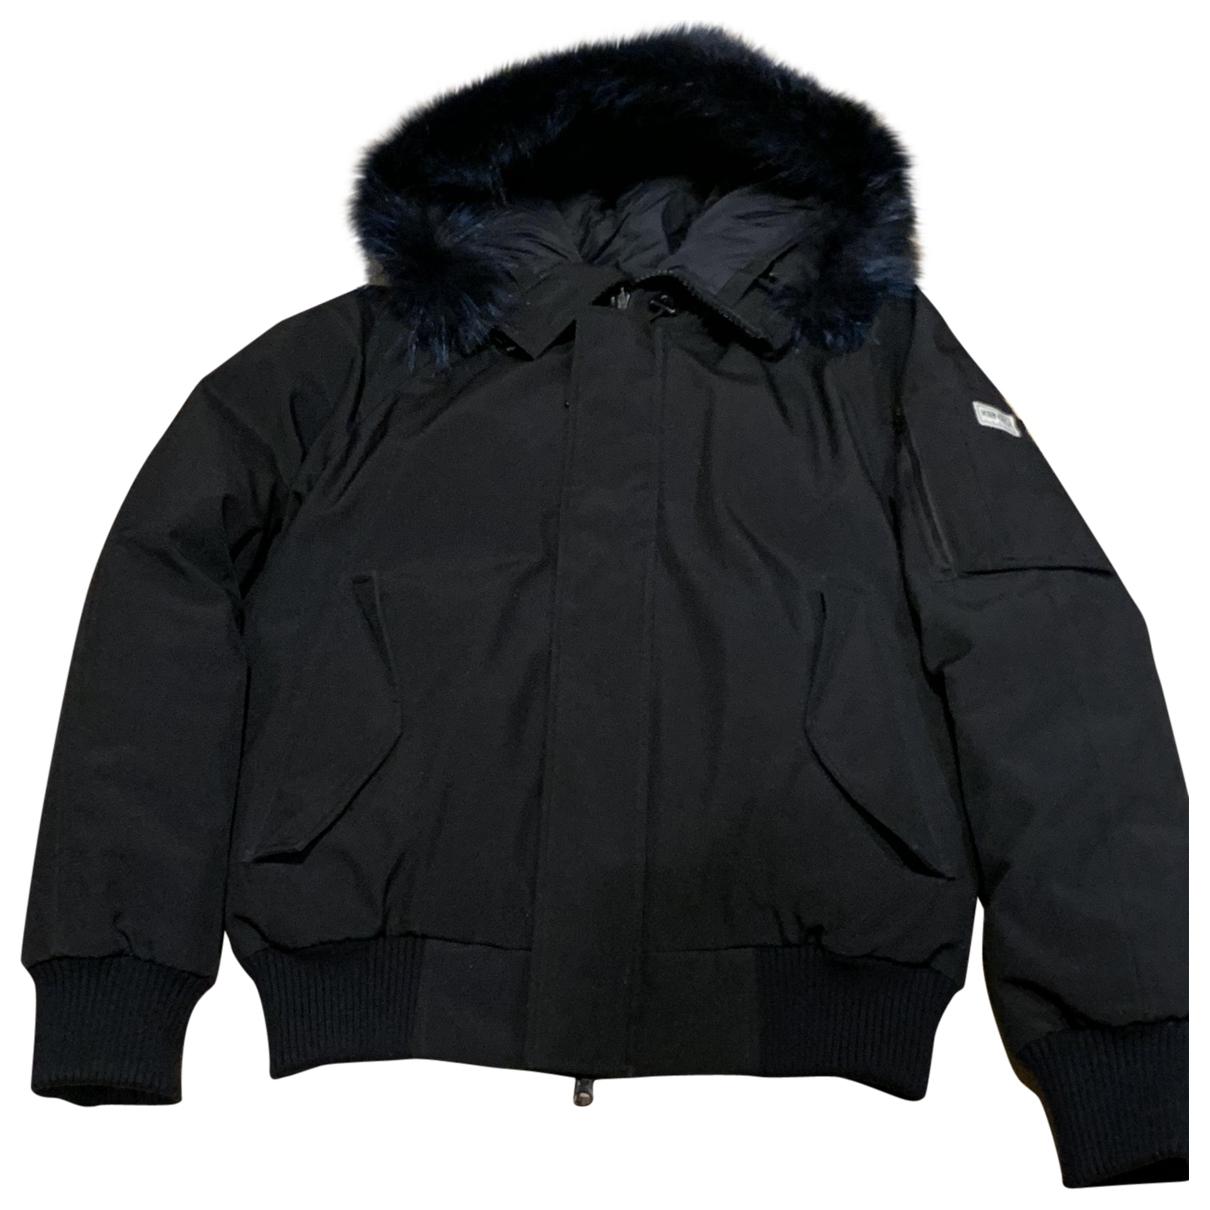 Kenzo \N Black coat  for Men S International